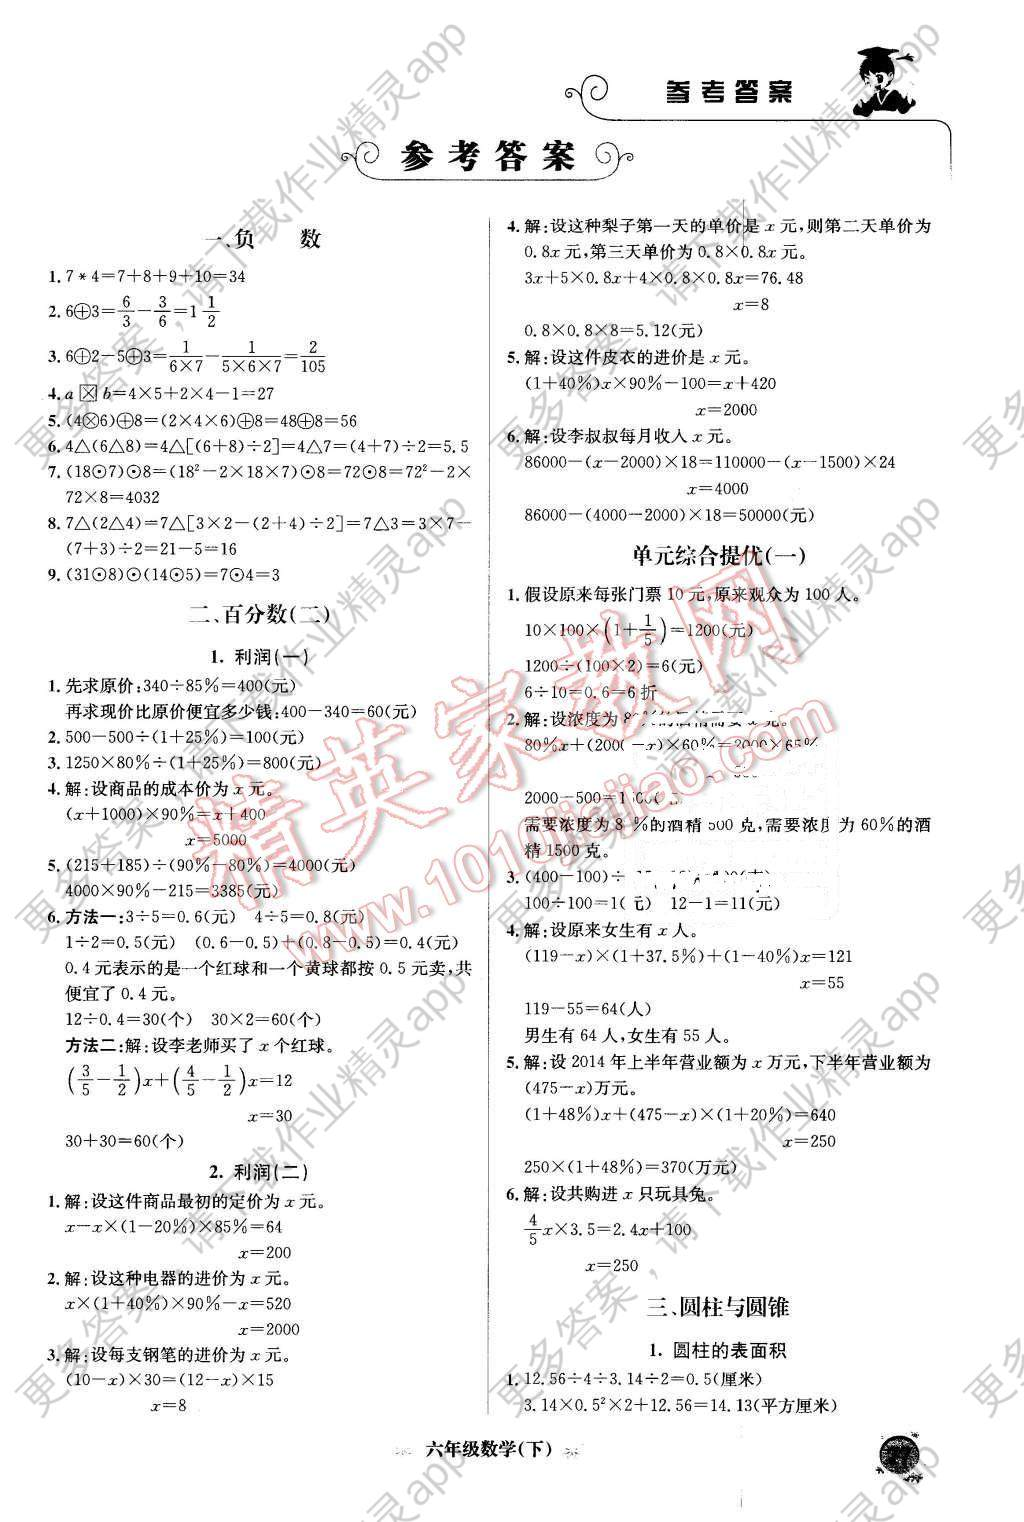 2016年黄冈小状元培优周课堂六年级数学下册